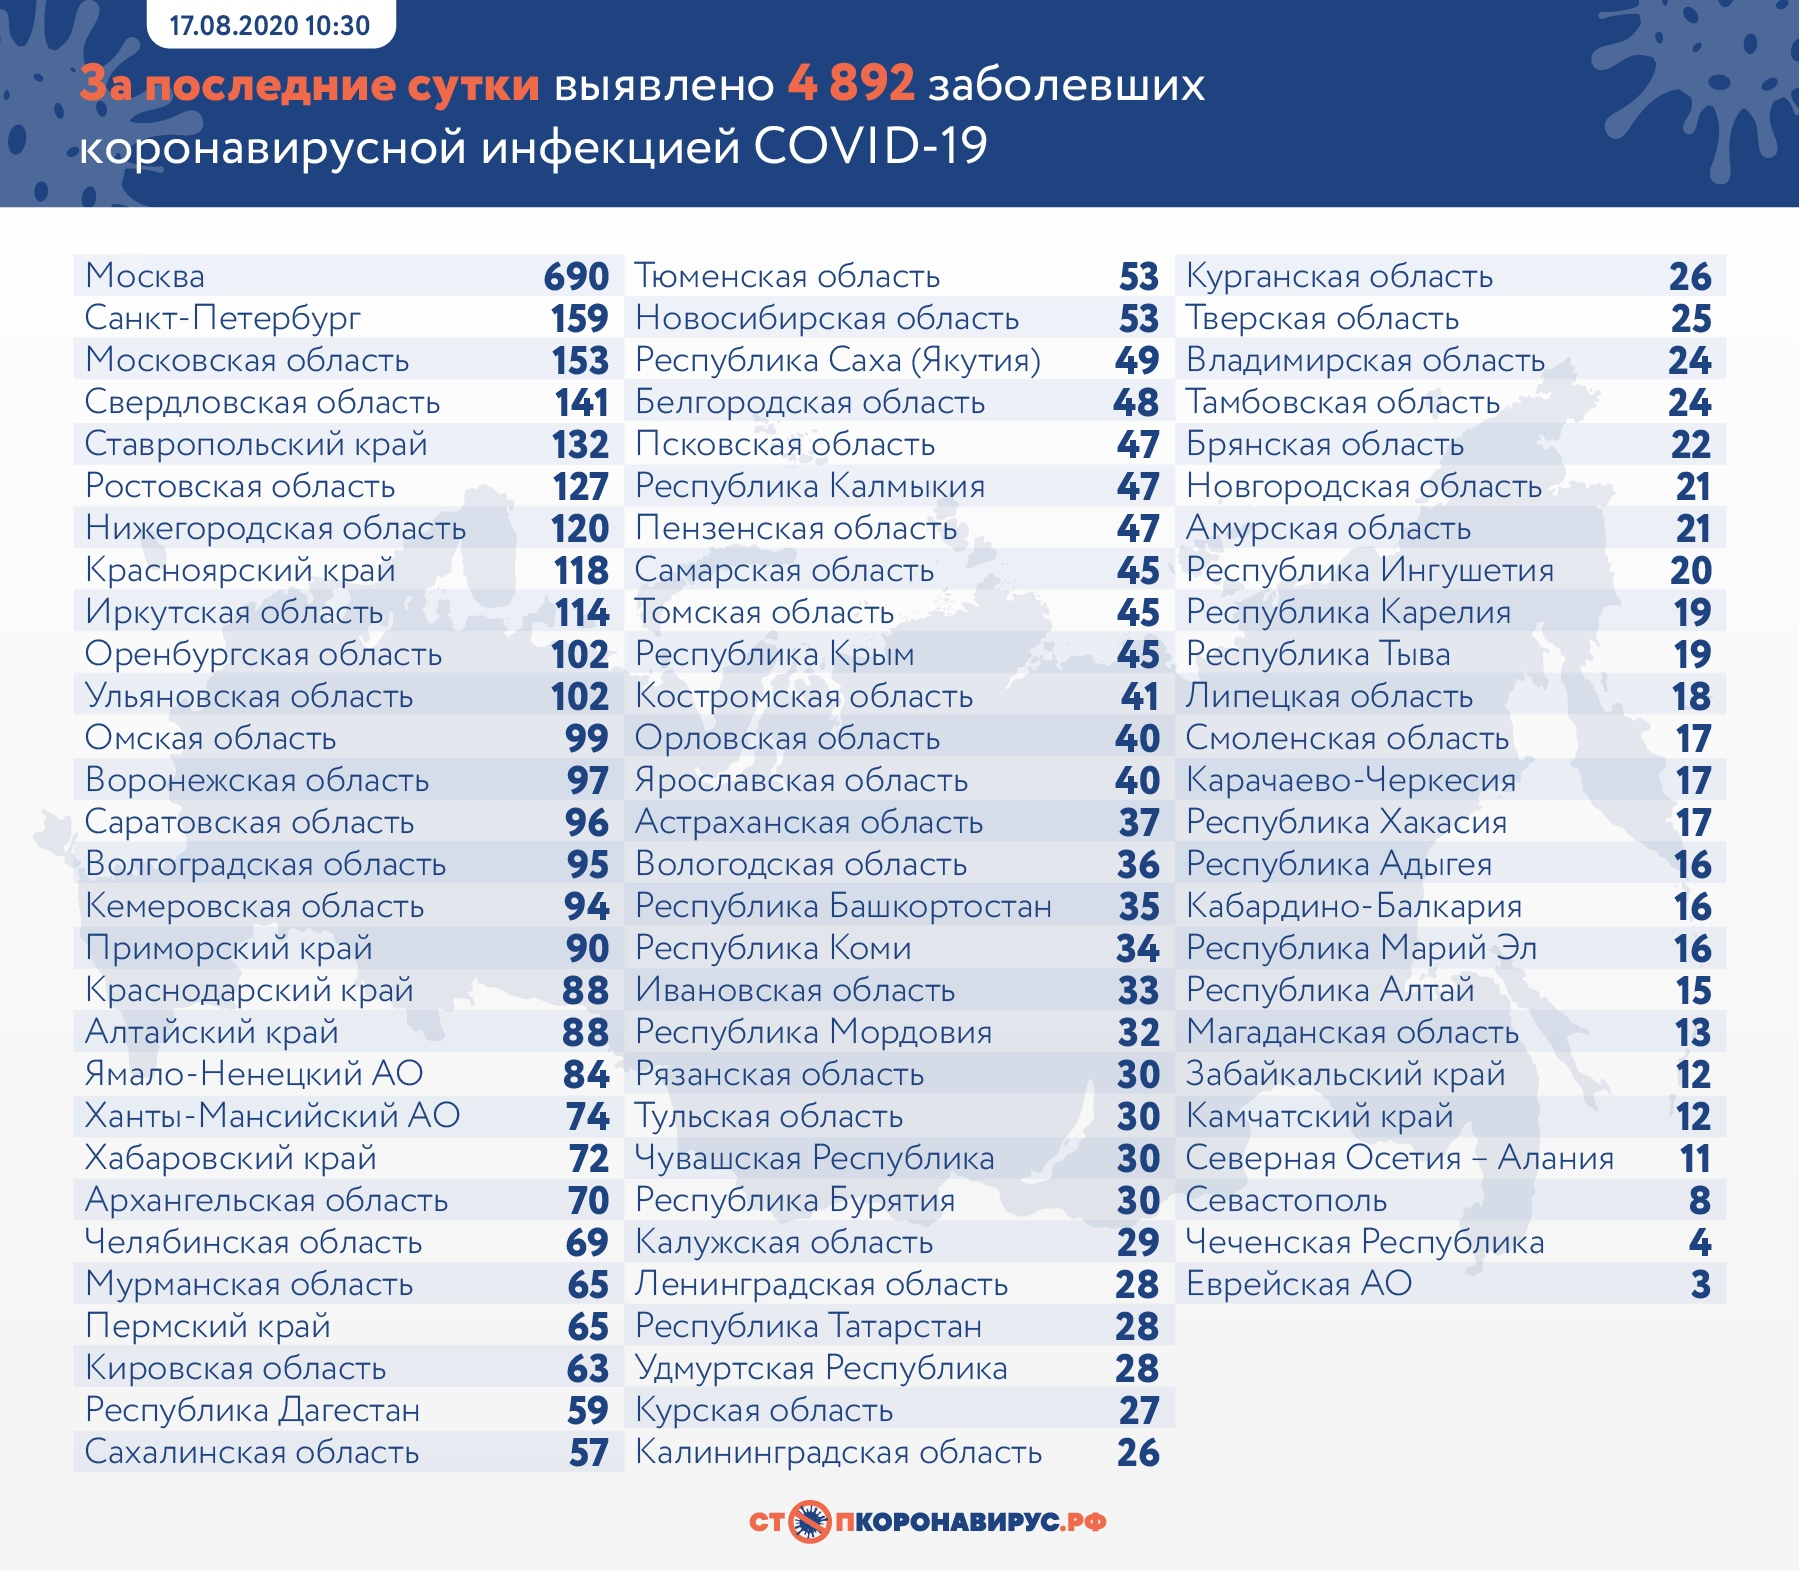 В Самарской области зарегистрировано 45 новых случаев заражения COVID-19